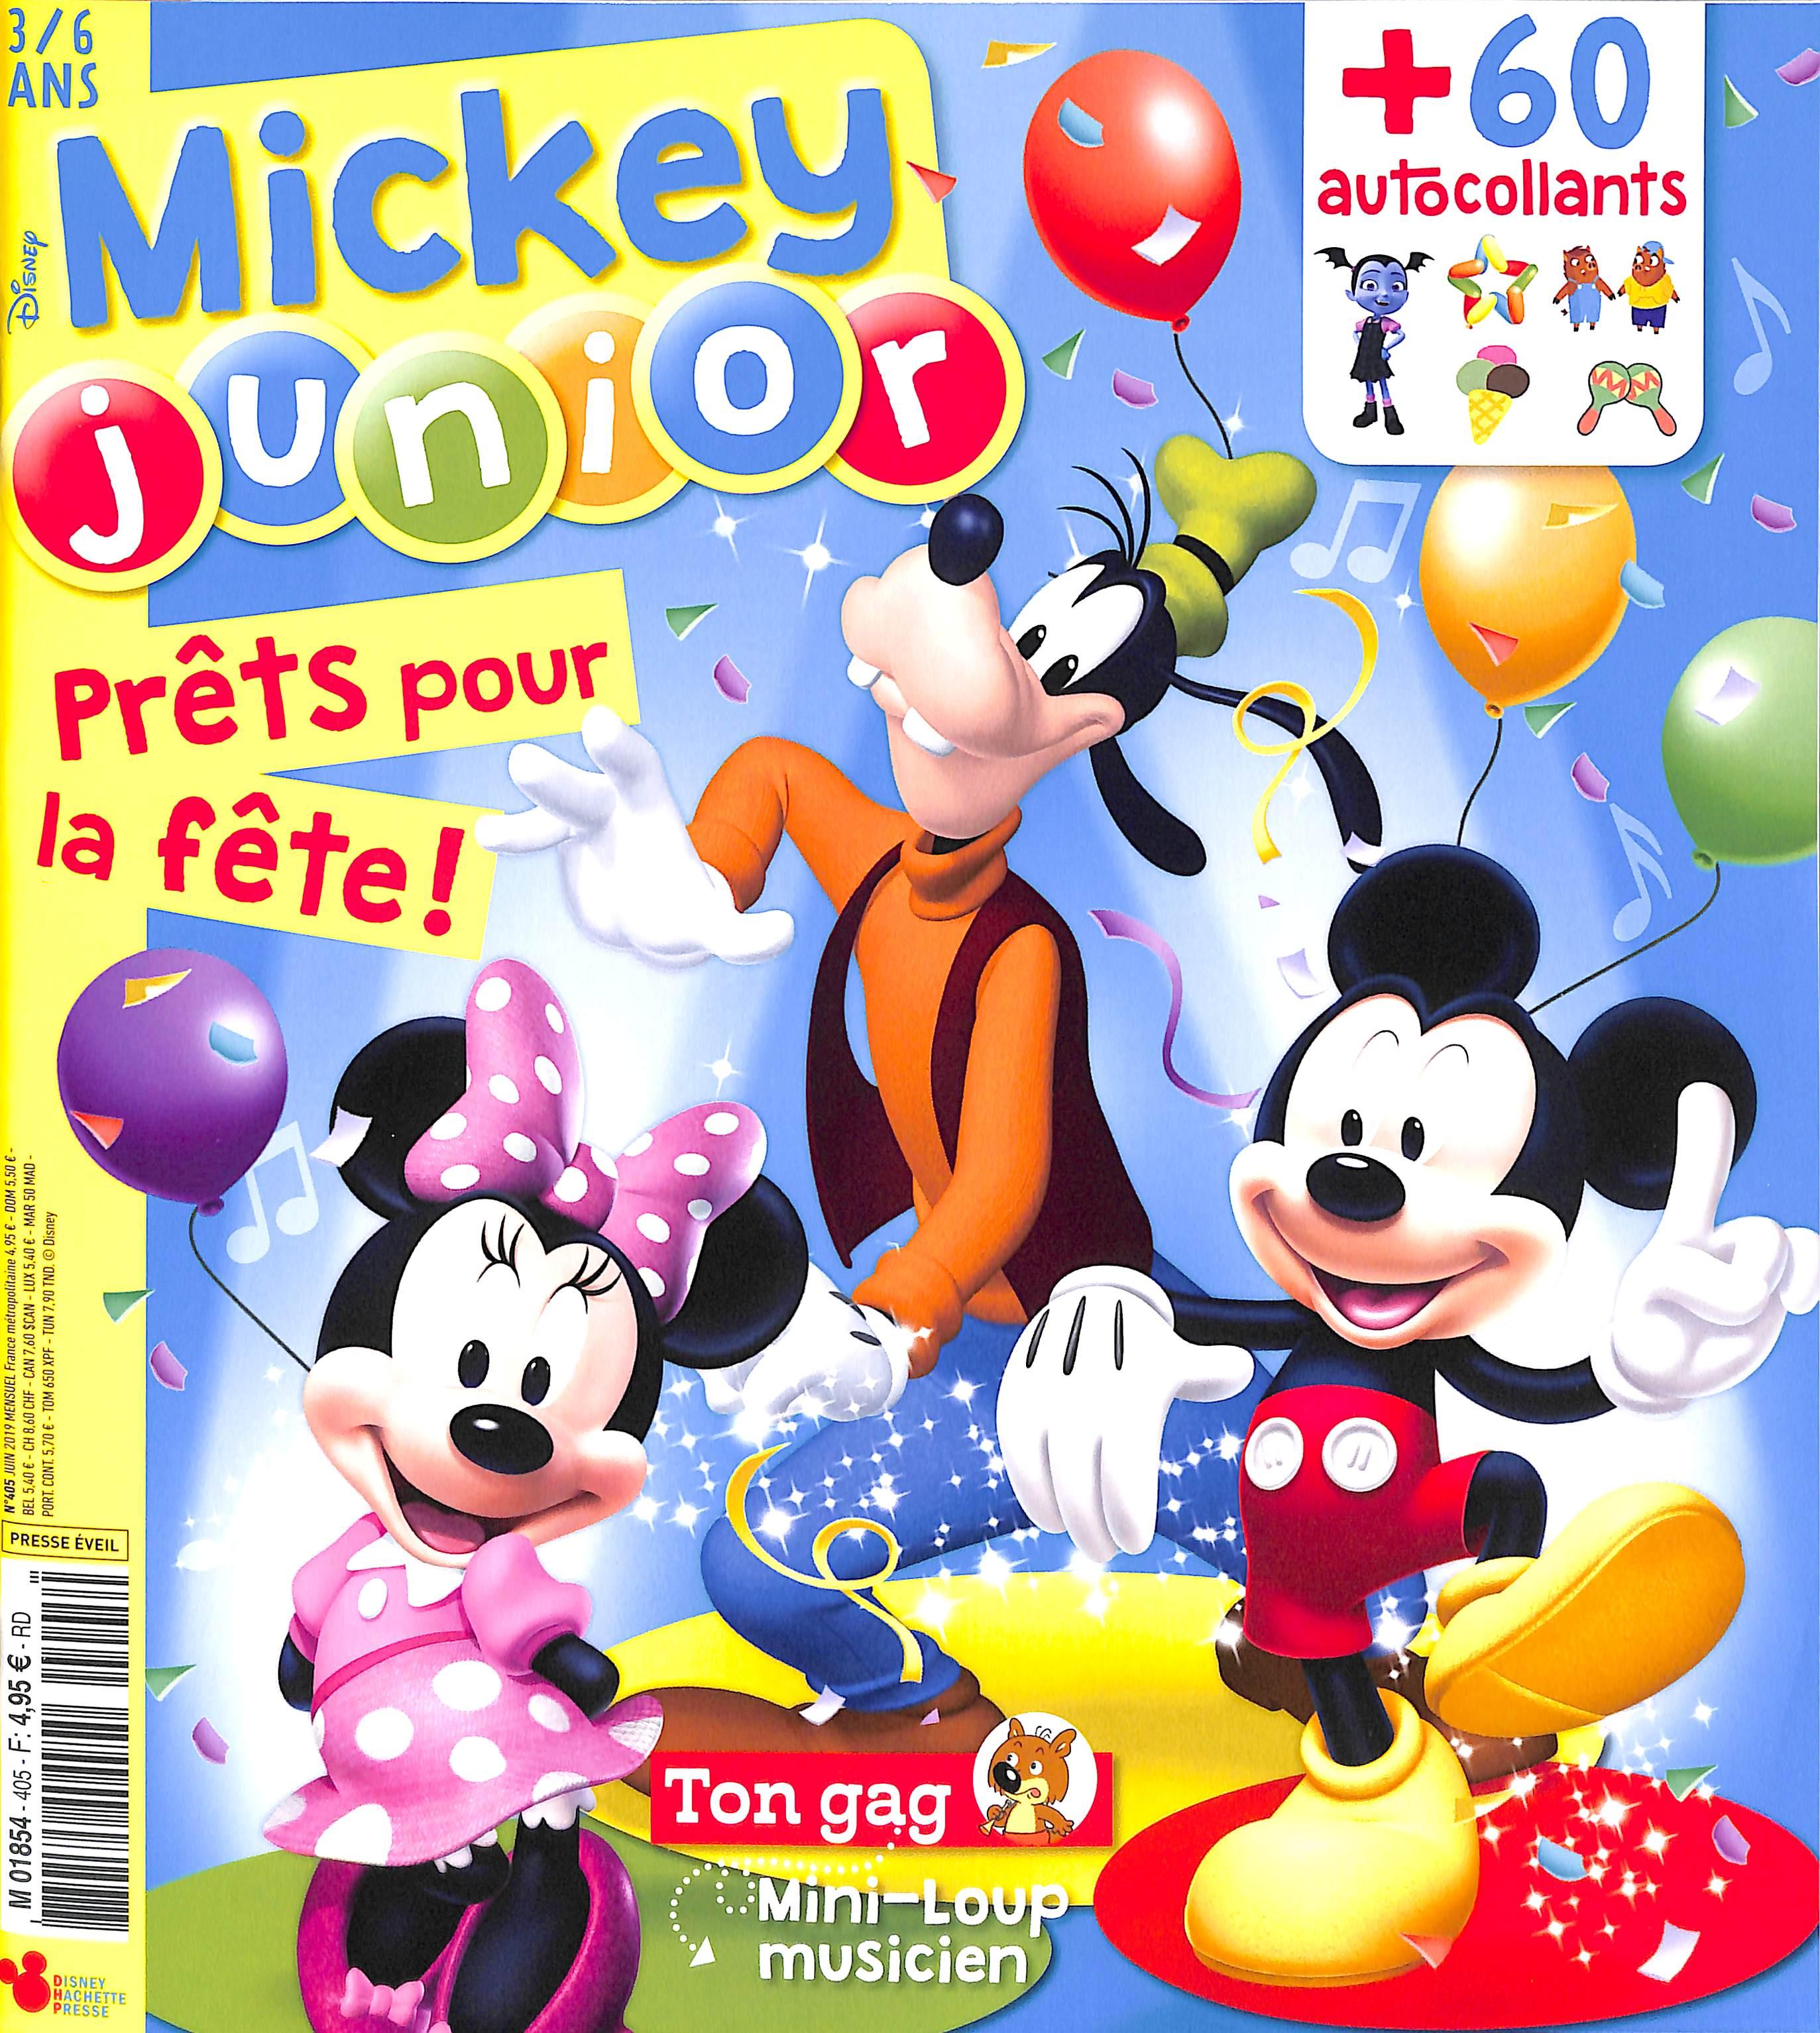 Mickey junior N° 405 Juin 2019